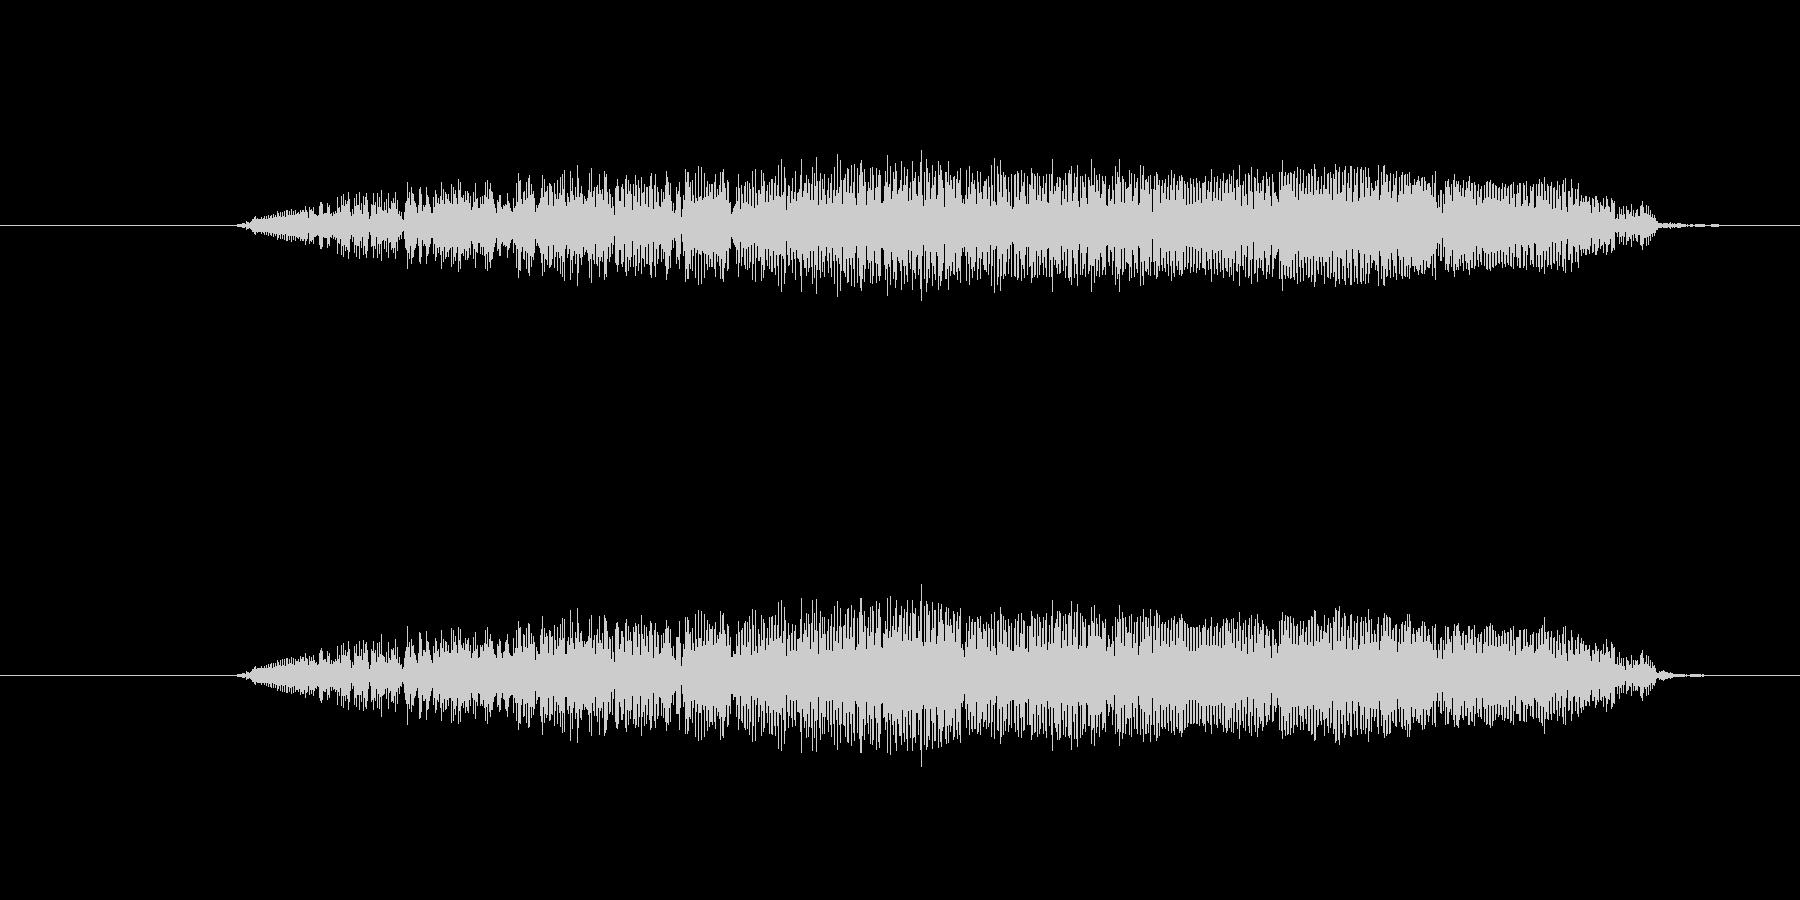 鳥 フクロウの叫び04の未再生の波形